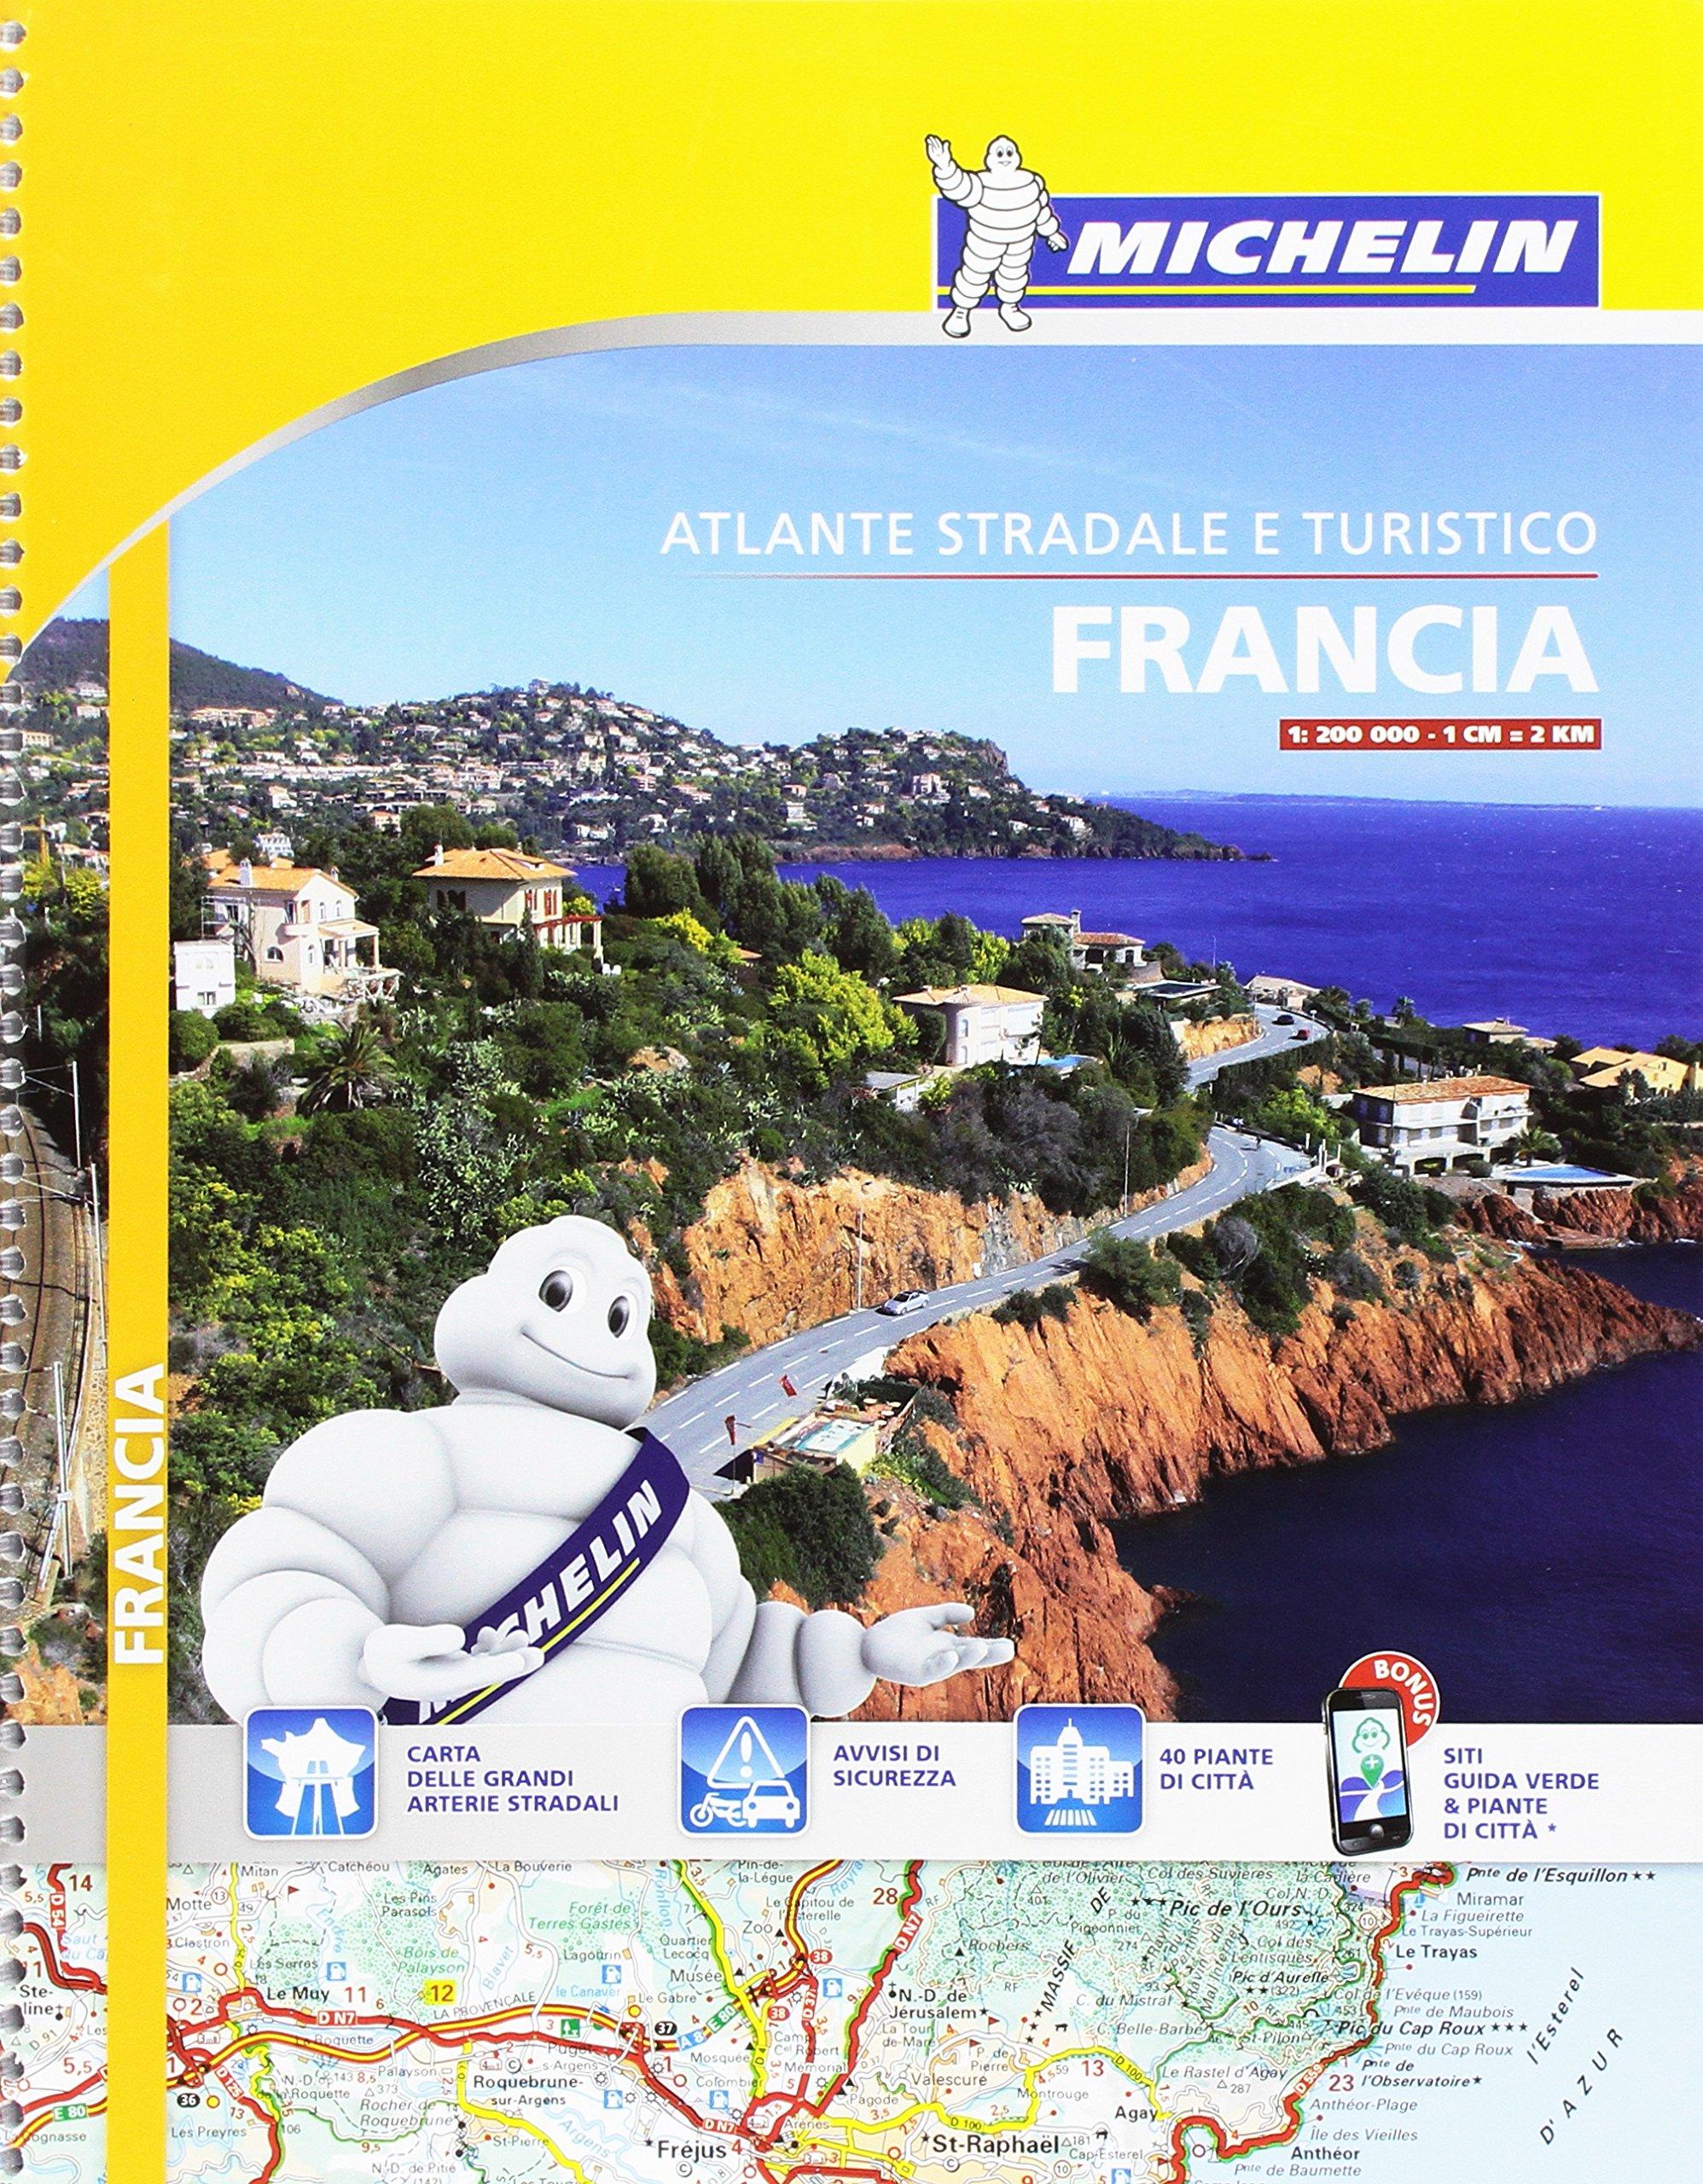 Cartina Stradale Michelin Italia.Guler Specificitate Diferit Carta Stradale Italia Michelin Amazon Mariacastrojato Com